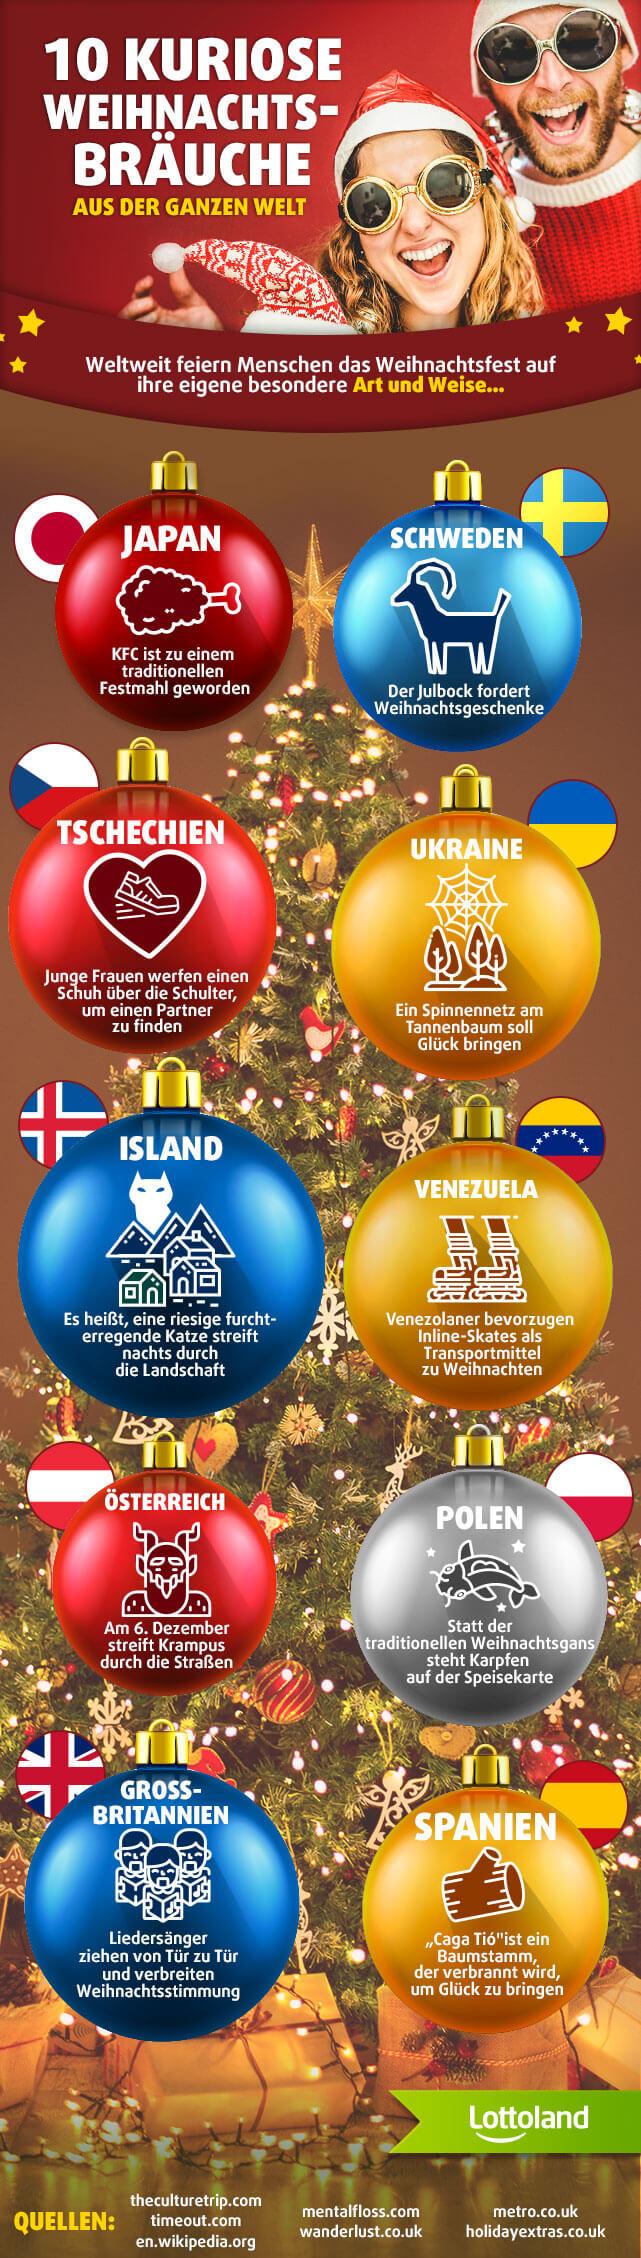 Infografik mit kuriosen Weihnachtsbräuchen aus der ganzen Welt